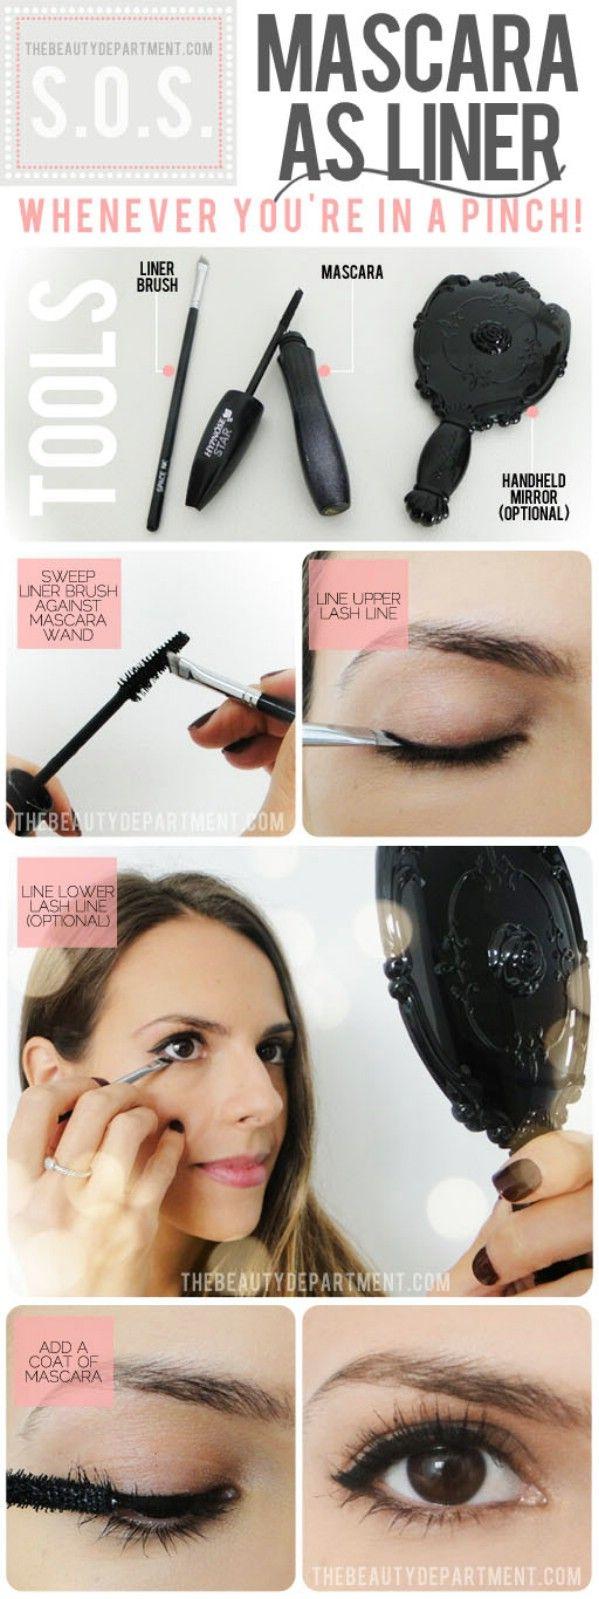 Mascara as Liner